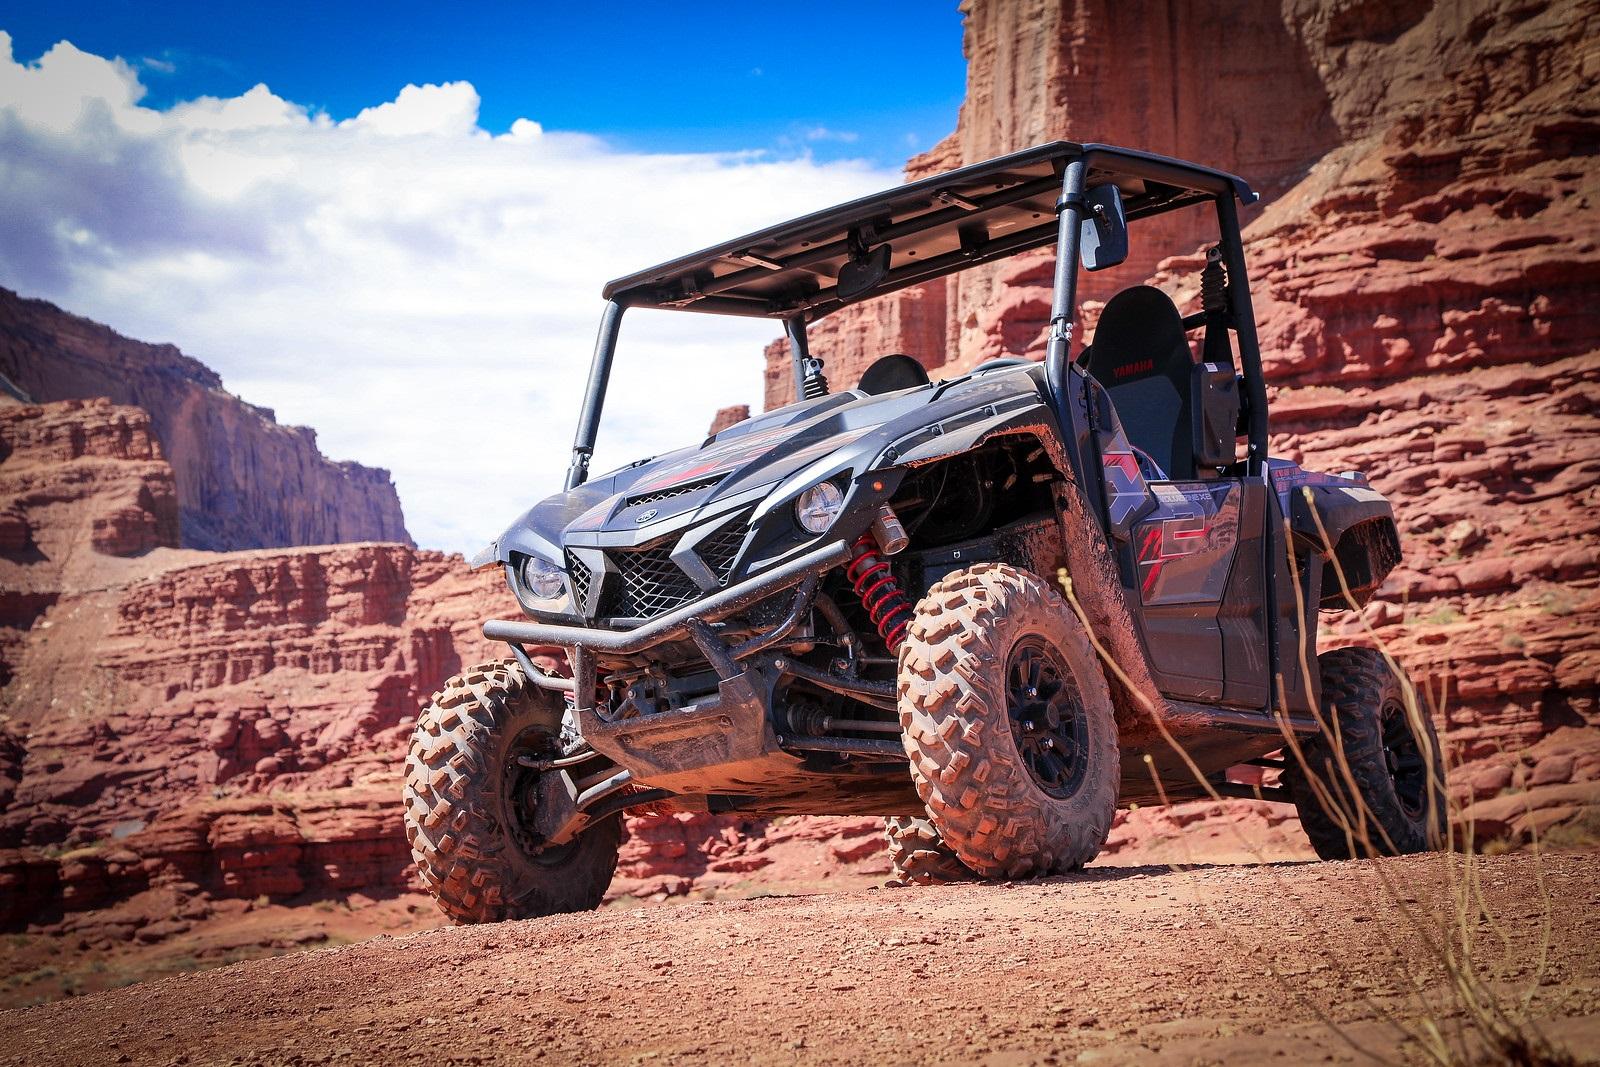 Destination Yamaha Moab